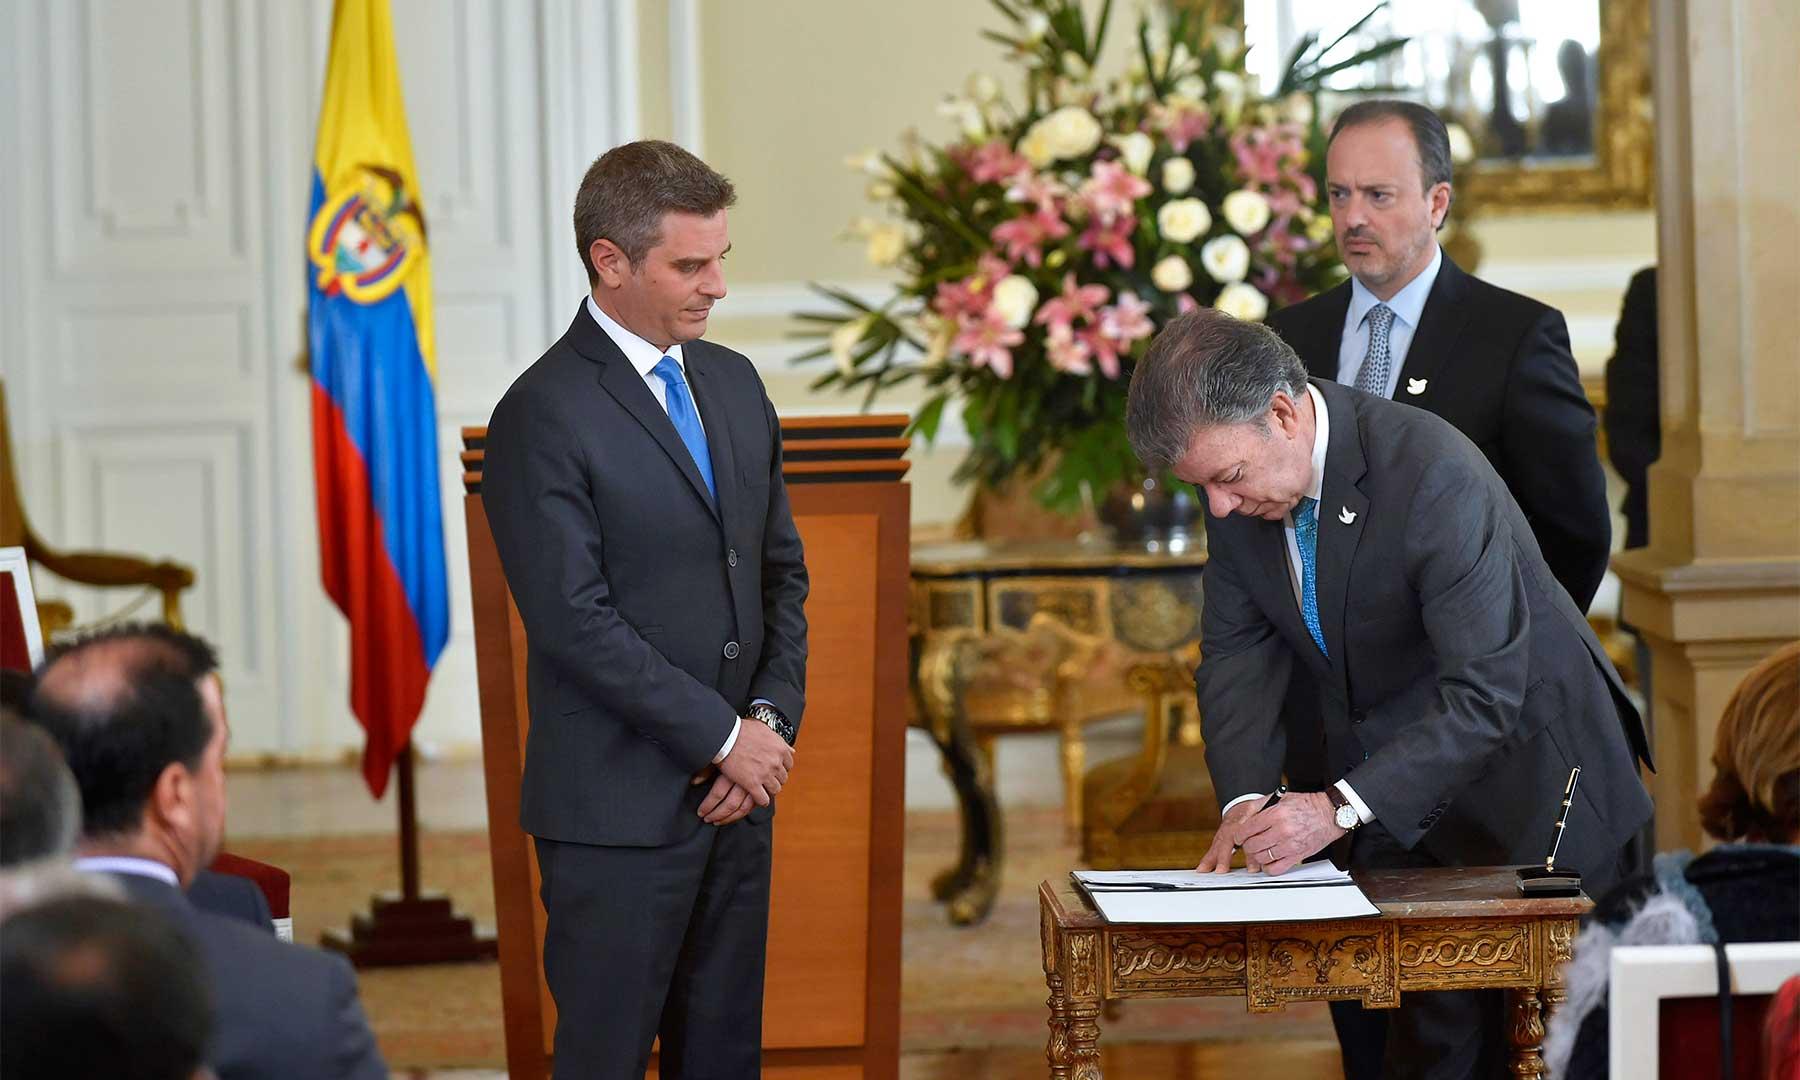 El Presidente Santos firma el acta de posesión de Carlos Eduardo Correa como Alto Consejero para las Regiones, a quien encomendó la tarea de hacer un gran esfuerzo en pedagogía de la paz.